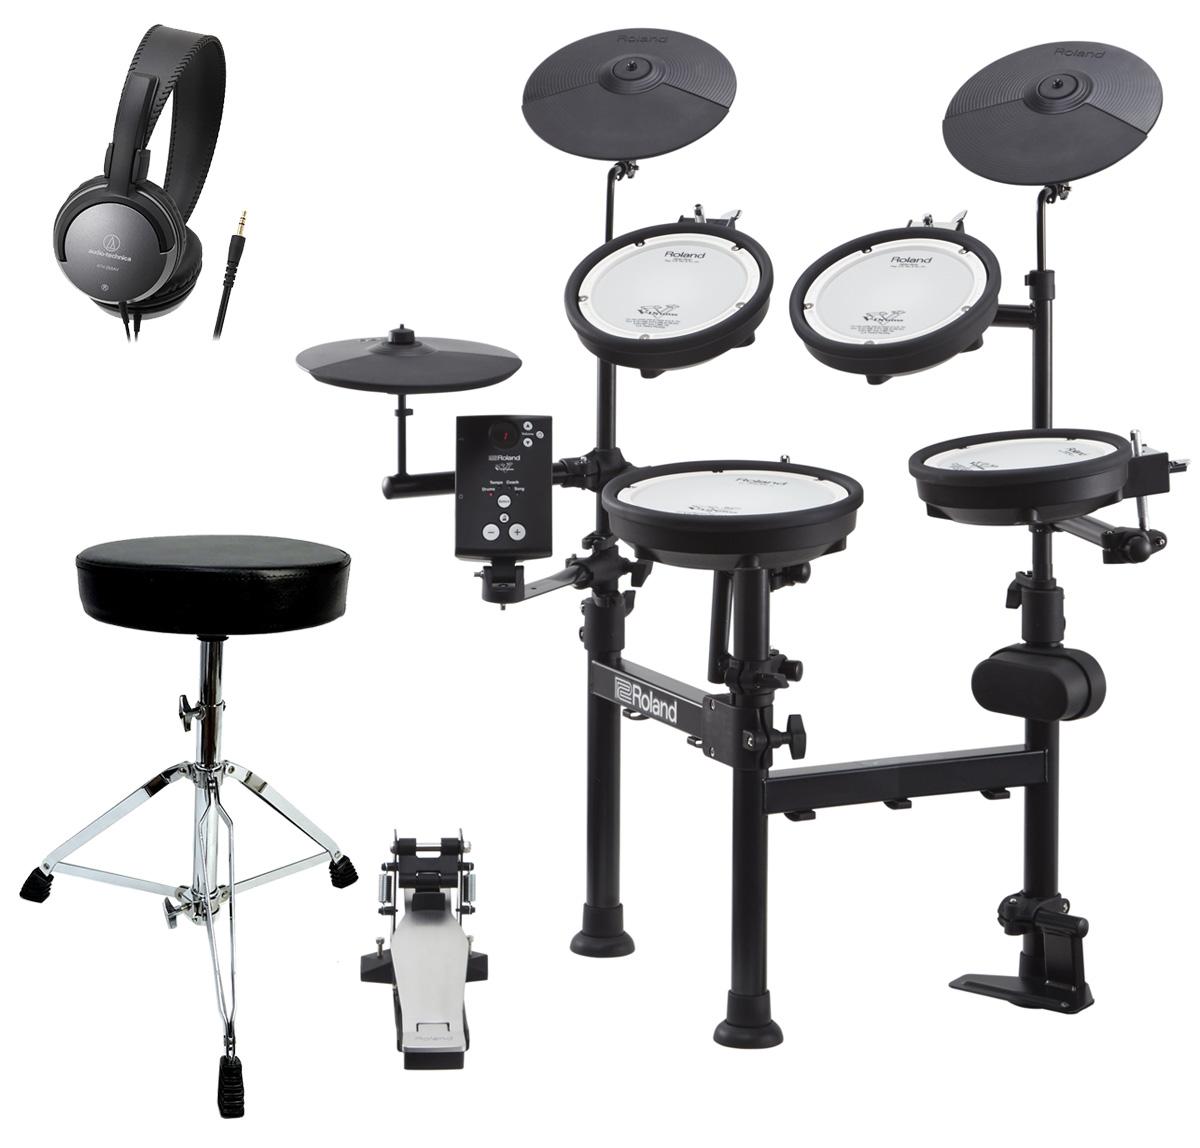 Roland 電子ドラム TD-1KPX2 ドラムスローンとヘッドホンセット / キックペダル別売【YRK】